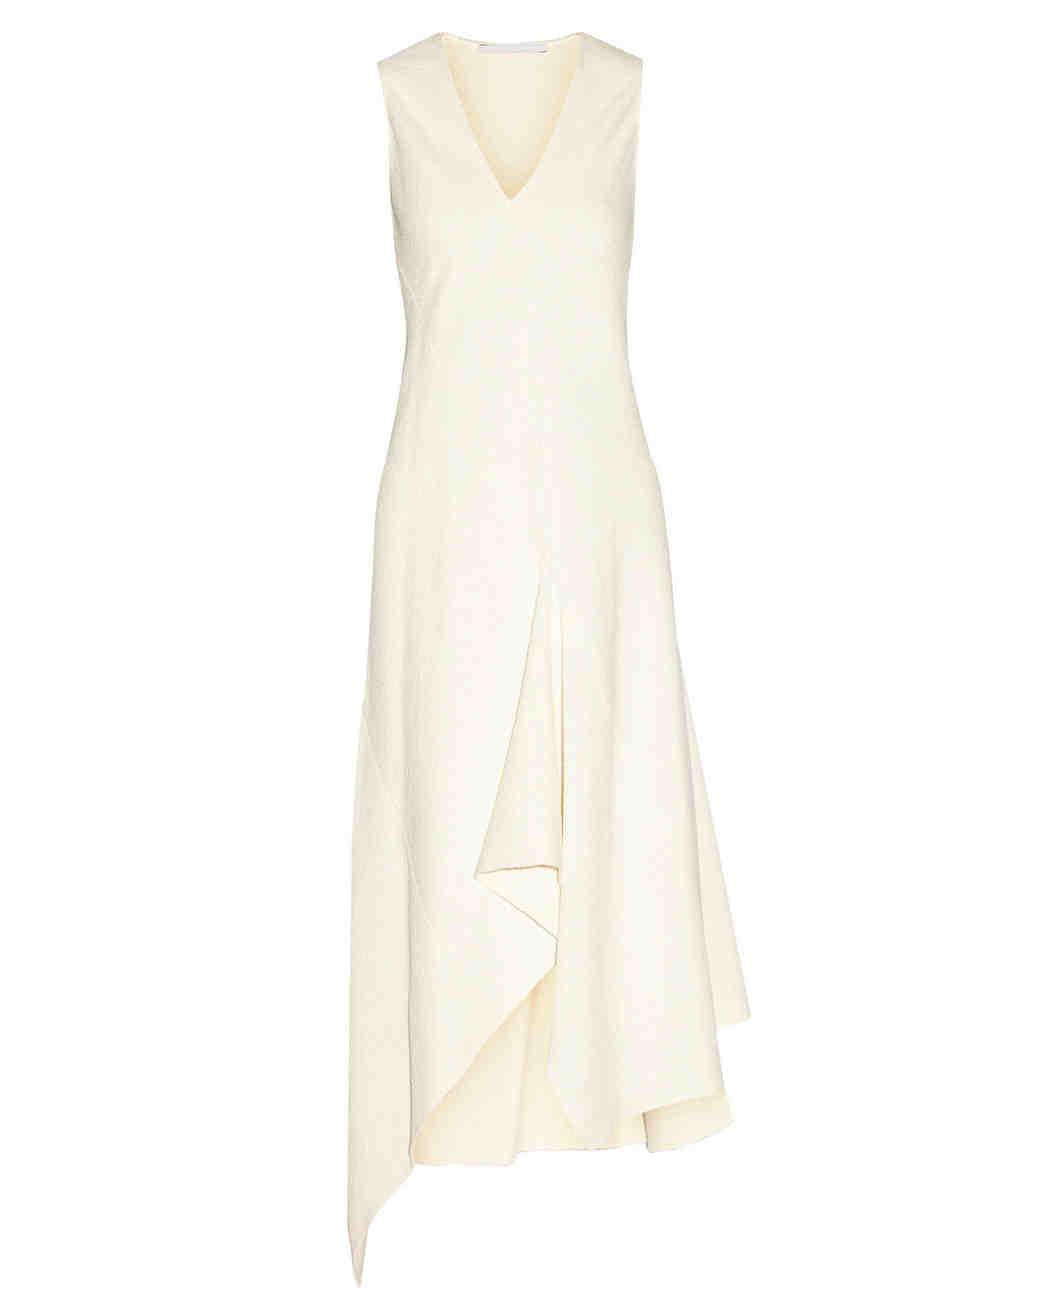 little-white-dress-rosetta-getty-3400-nap-1115.jpg